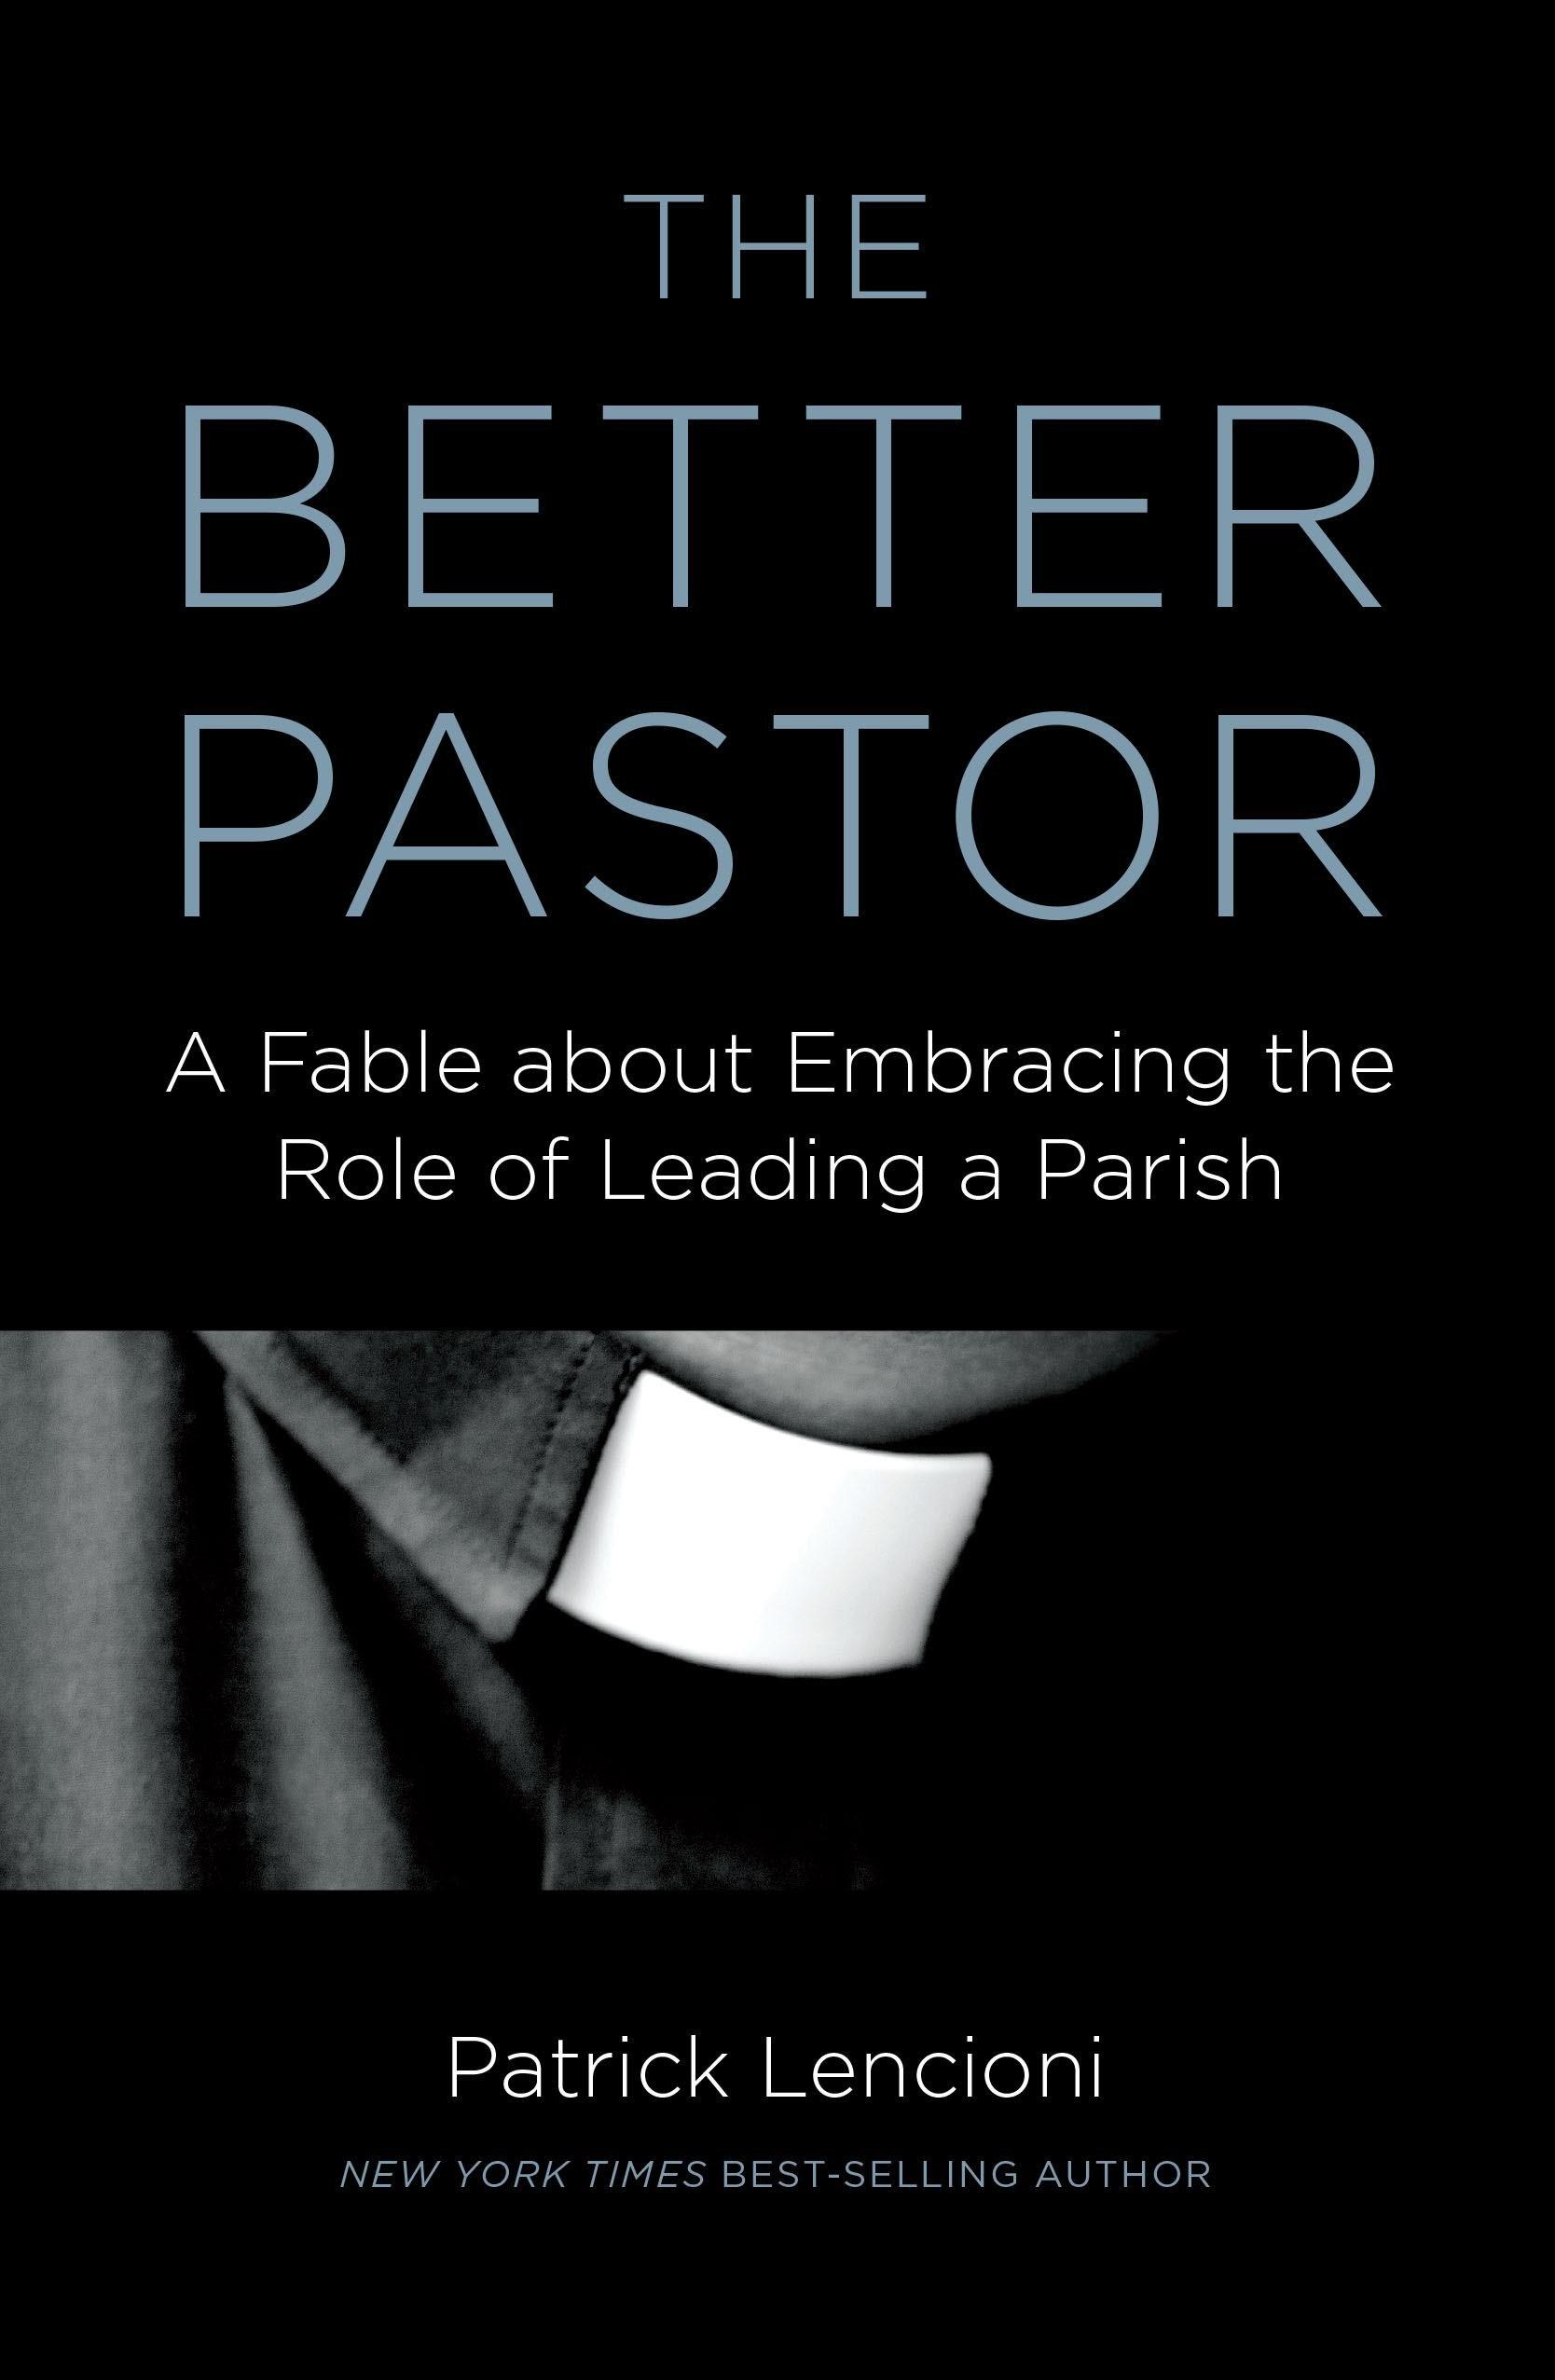 The Better Pastor: Patrick Lencioni: 9780692581605: Amazon